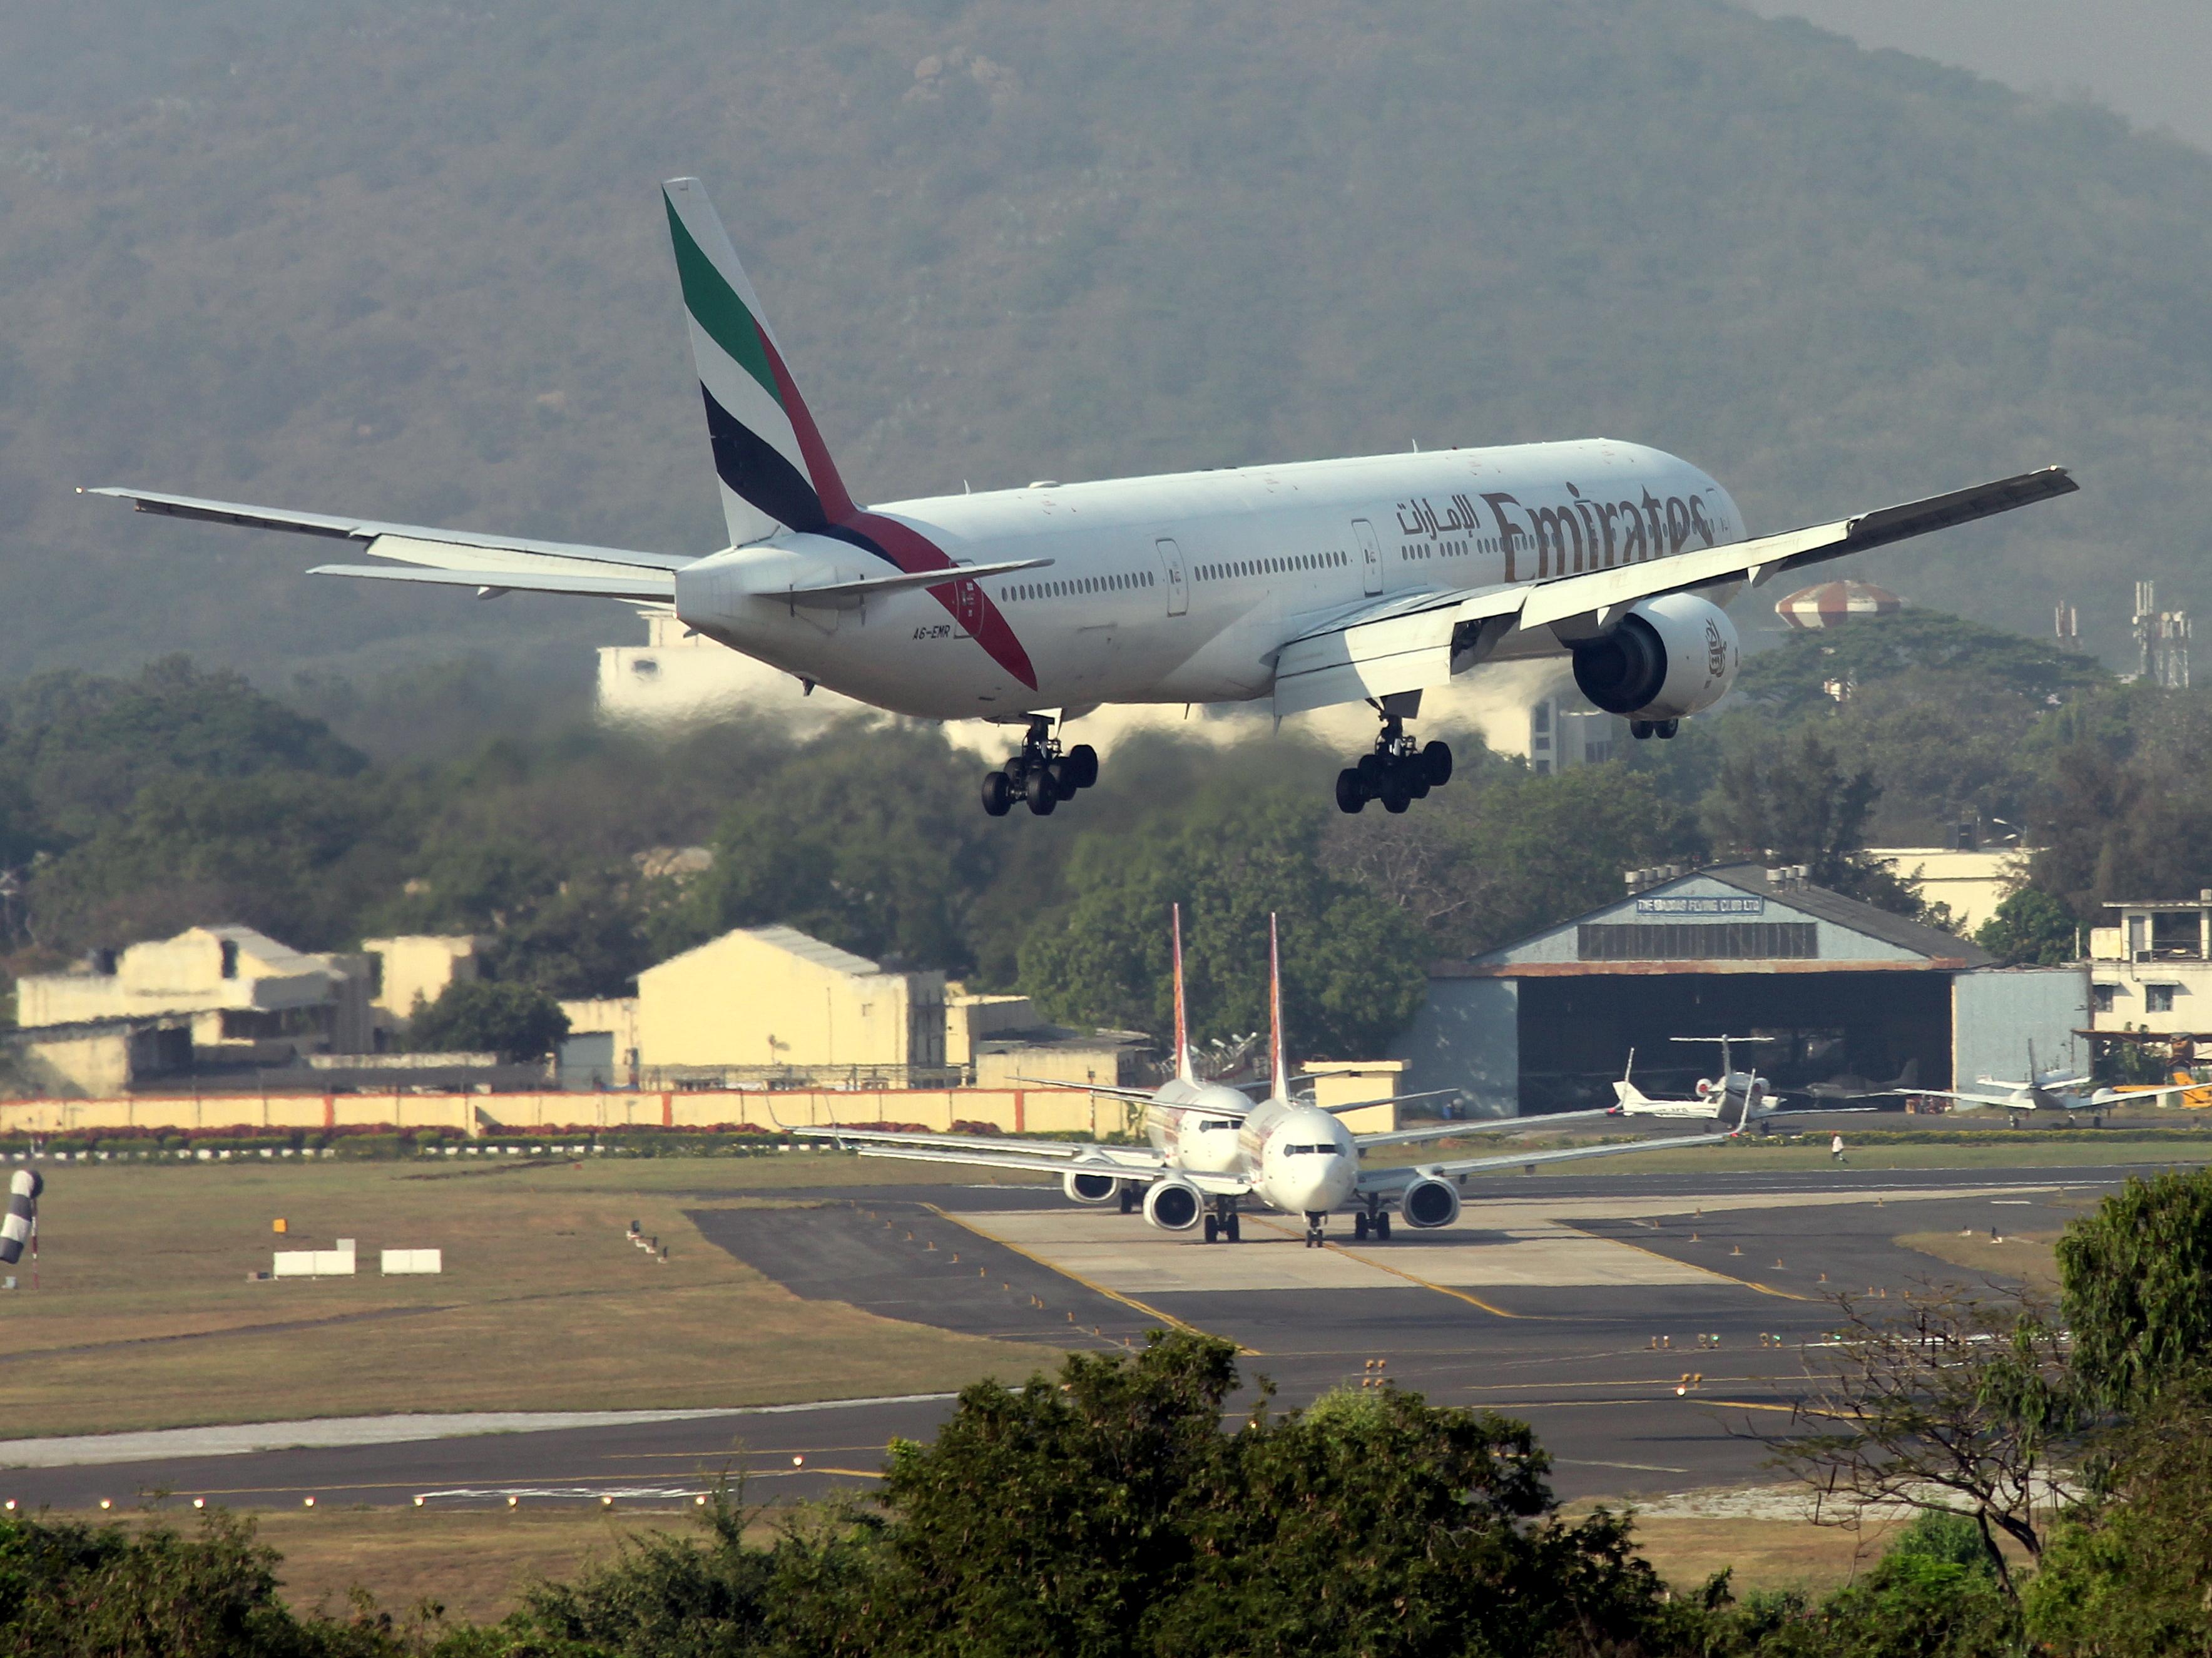 चेन्नई अंतर्राष्ट्रीय हवाई अड्डा